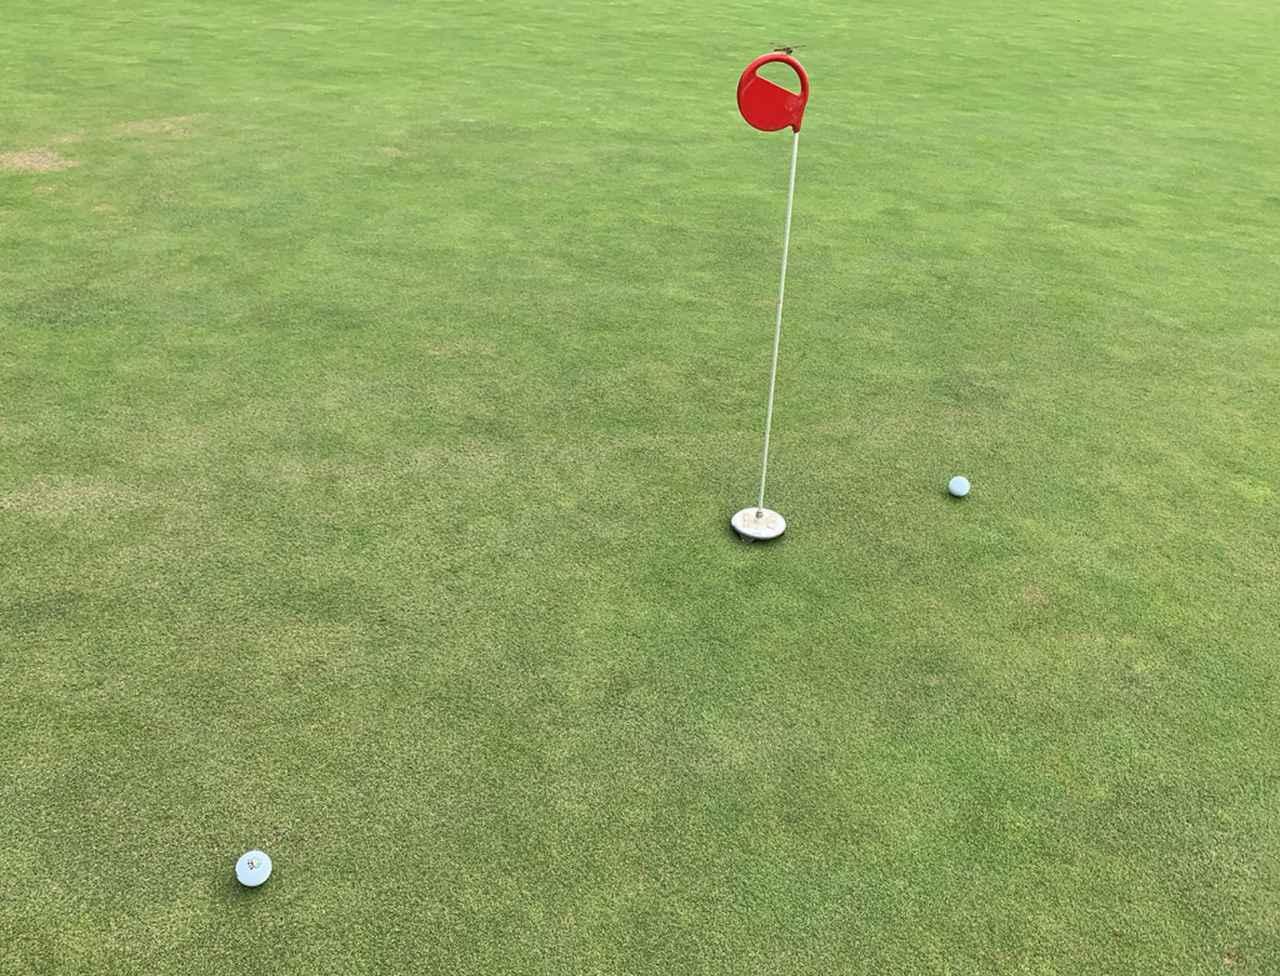 画像: カラーの芝に食われた球は左のようにショート気味でしたが、ロフトをつけて打った球はしっかりと届きました